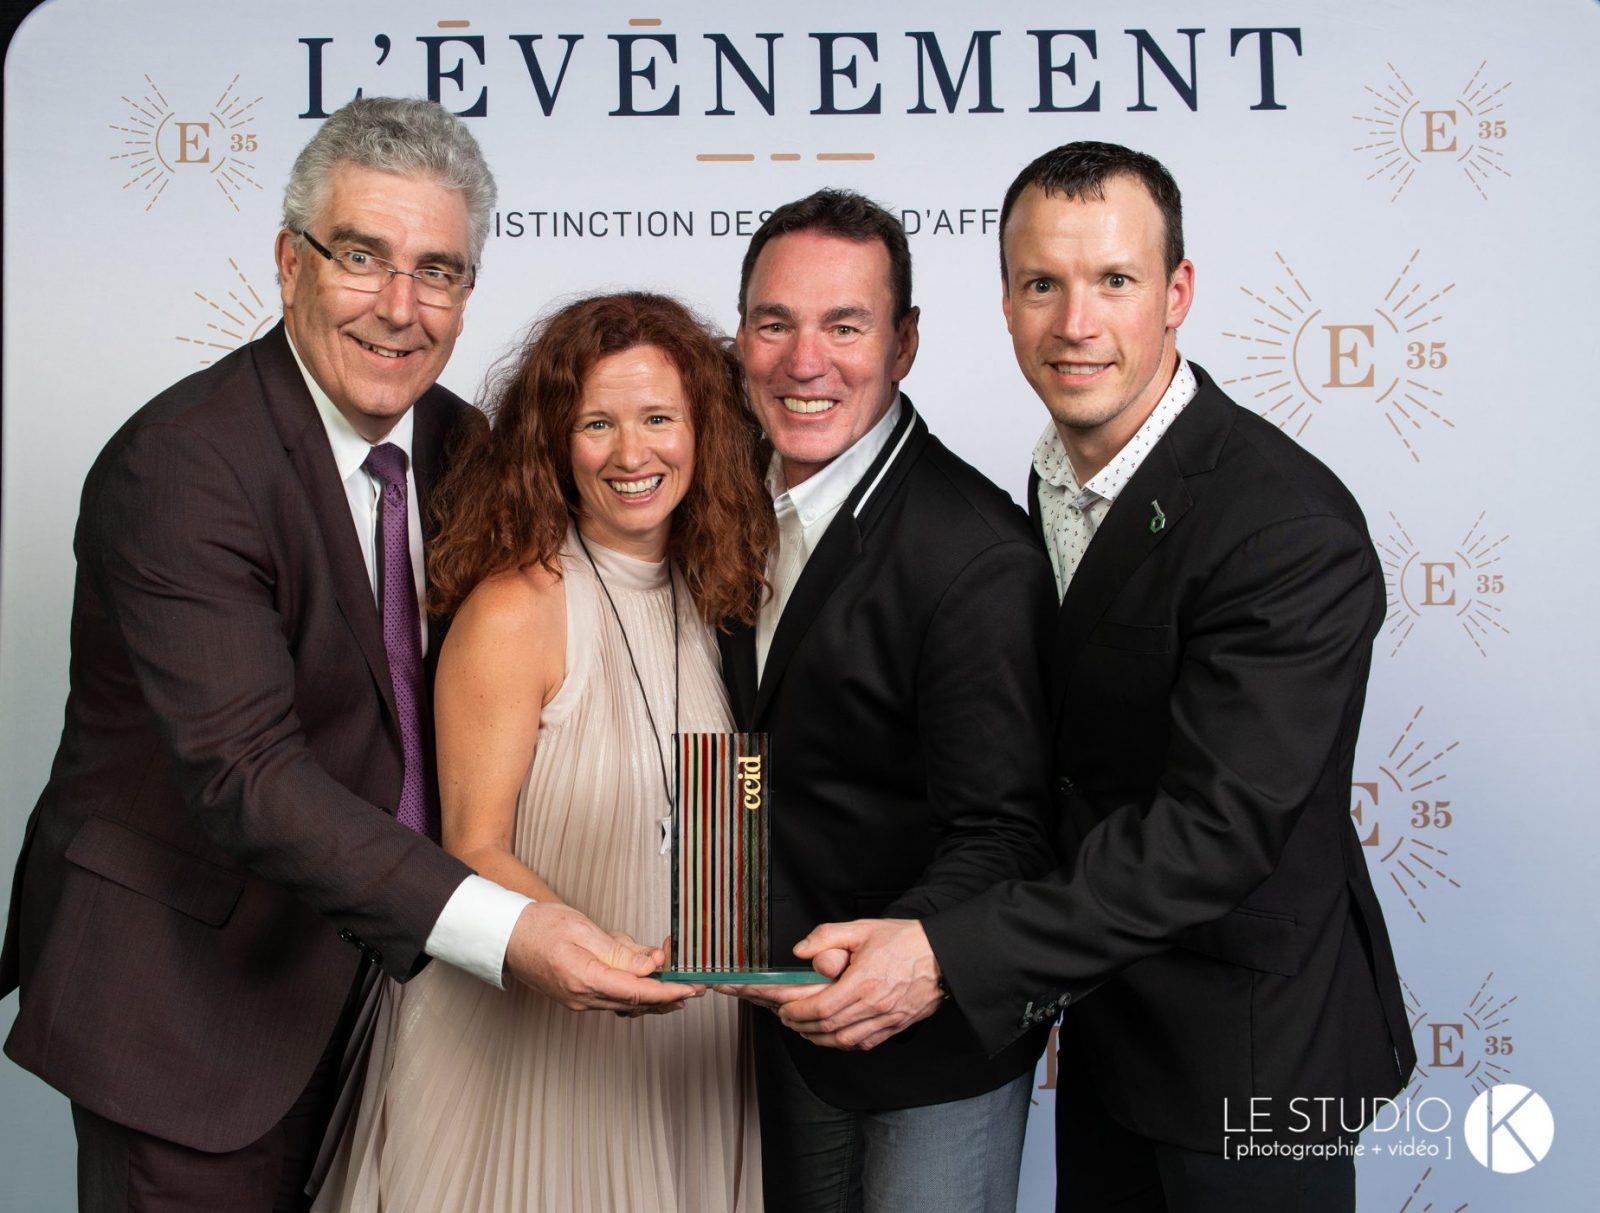 E35: Kefiplant décroche le titre d'entreprise de l'année